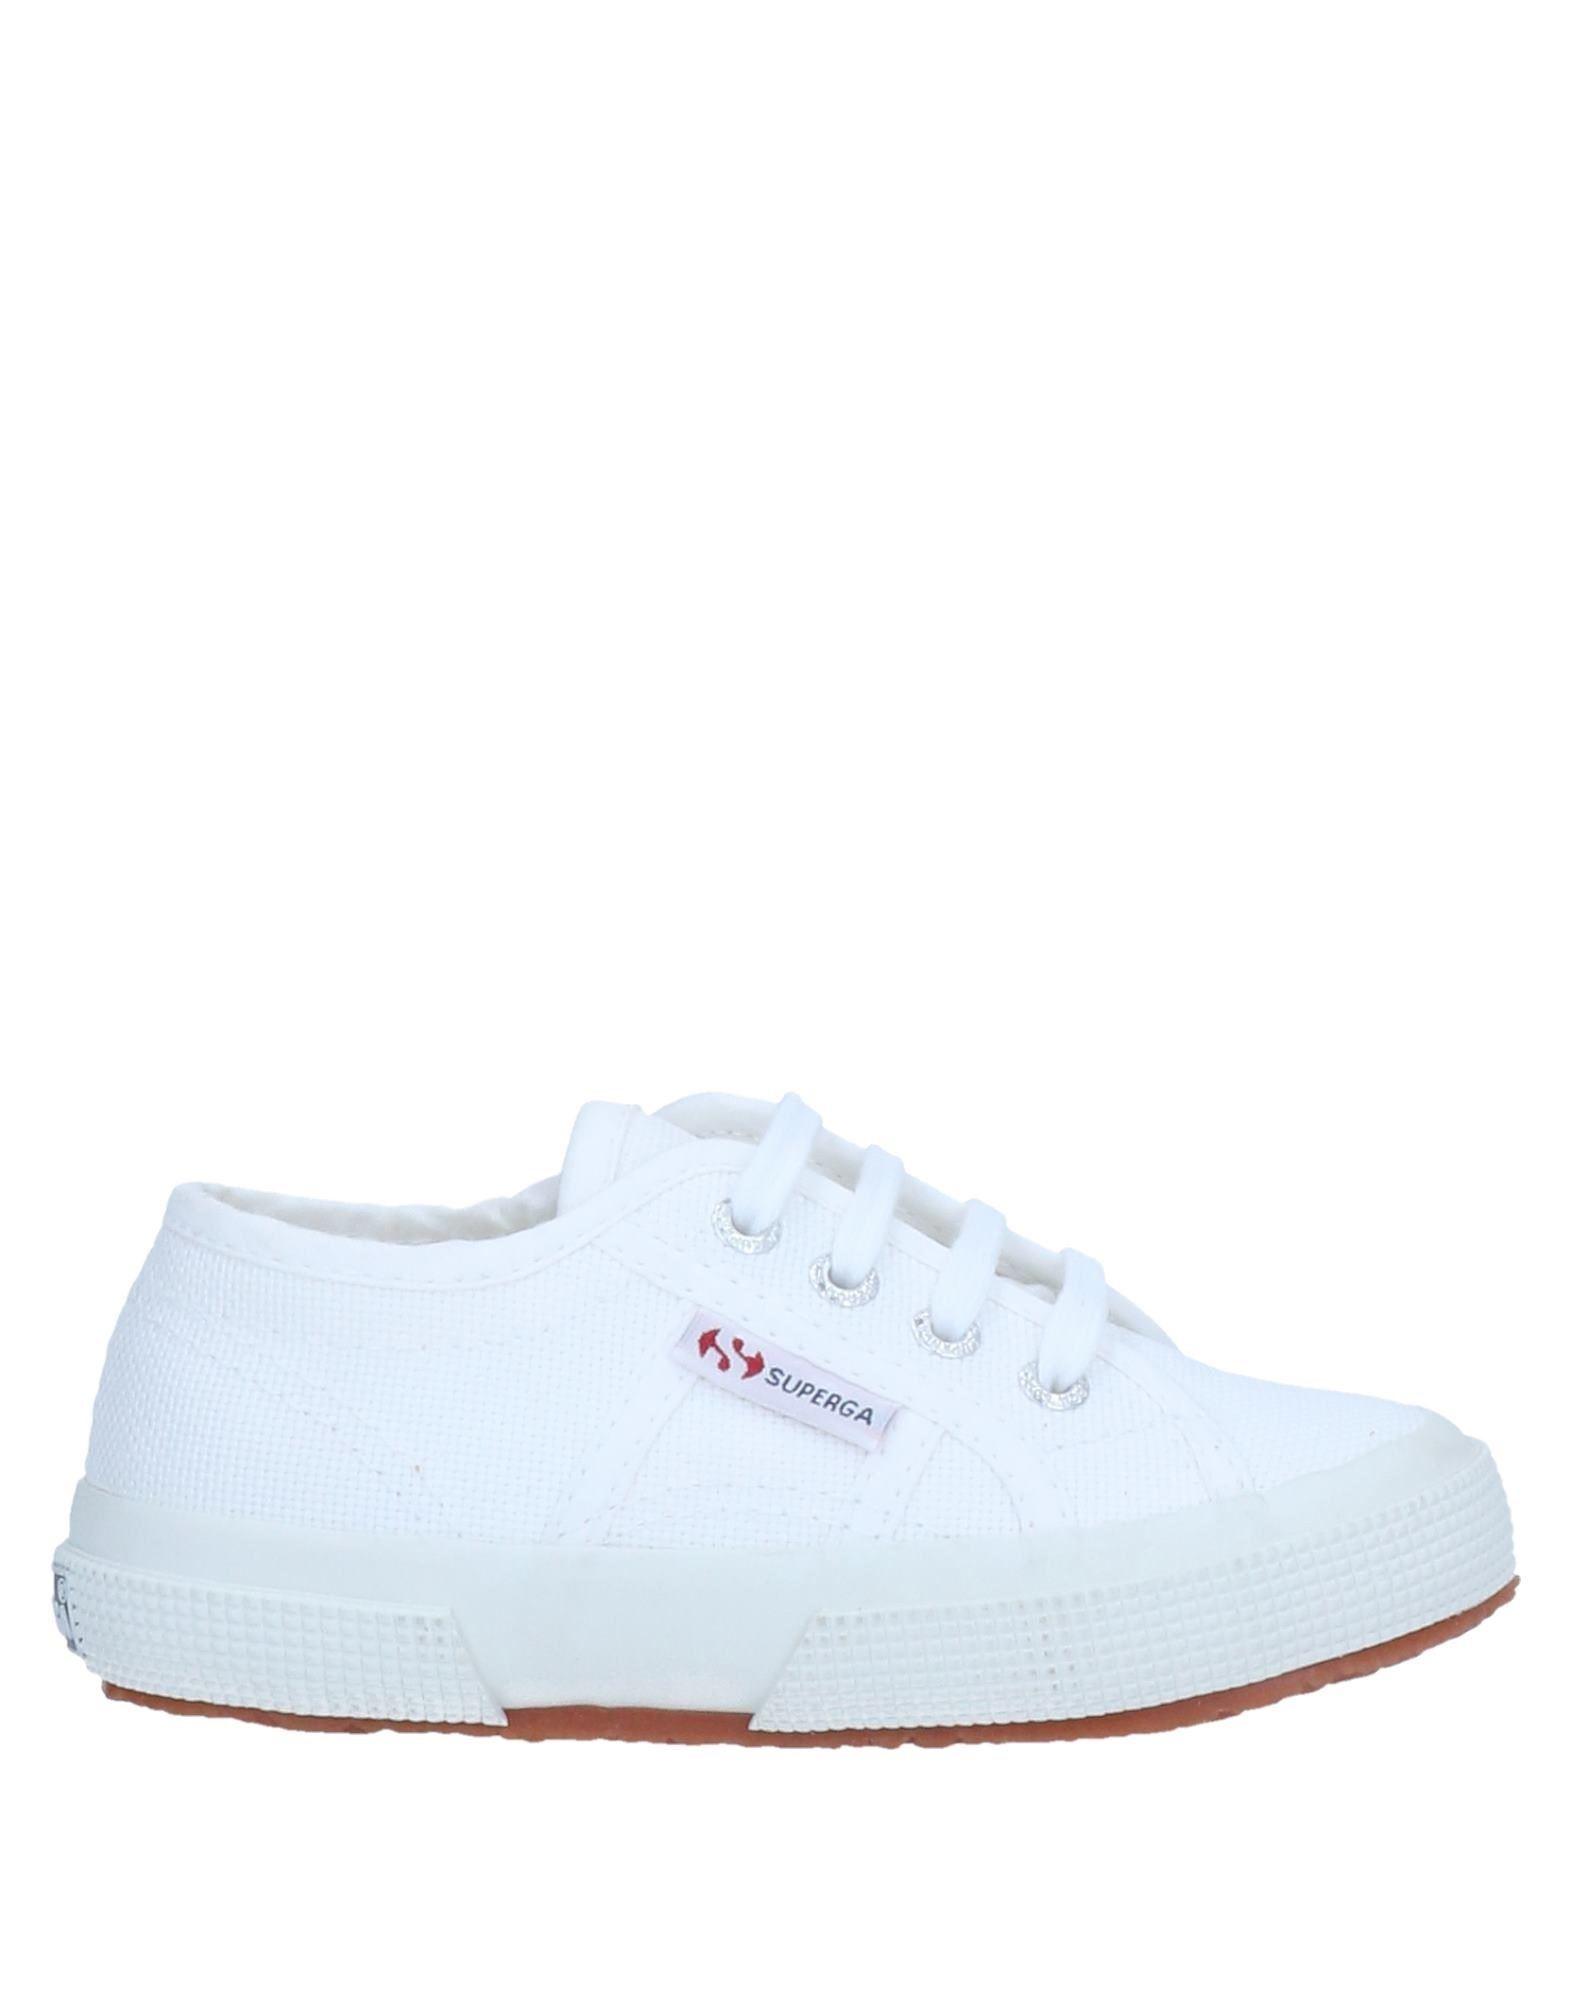 SUPERGA Low-tops & sneakers - Item 11998148